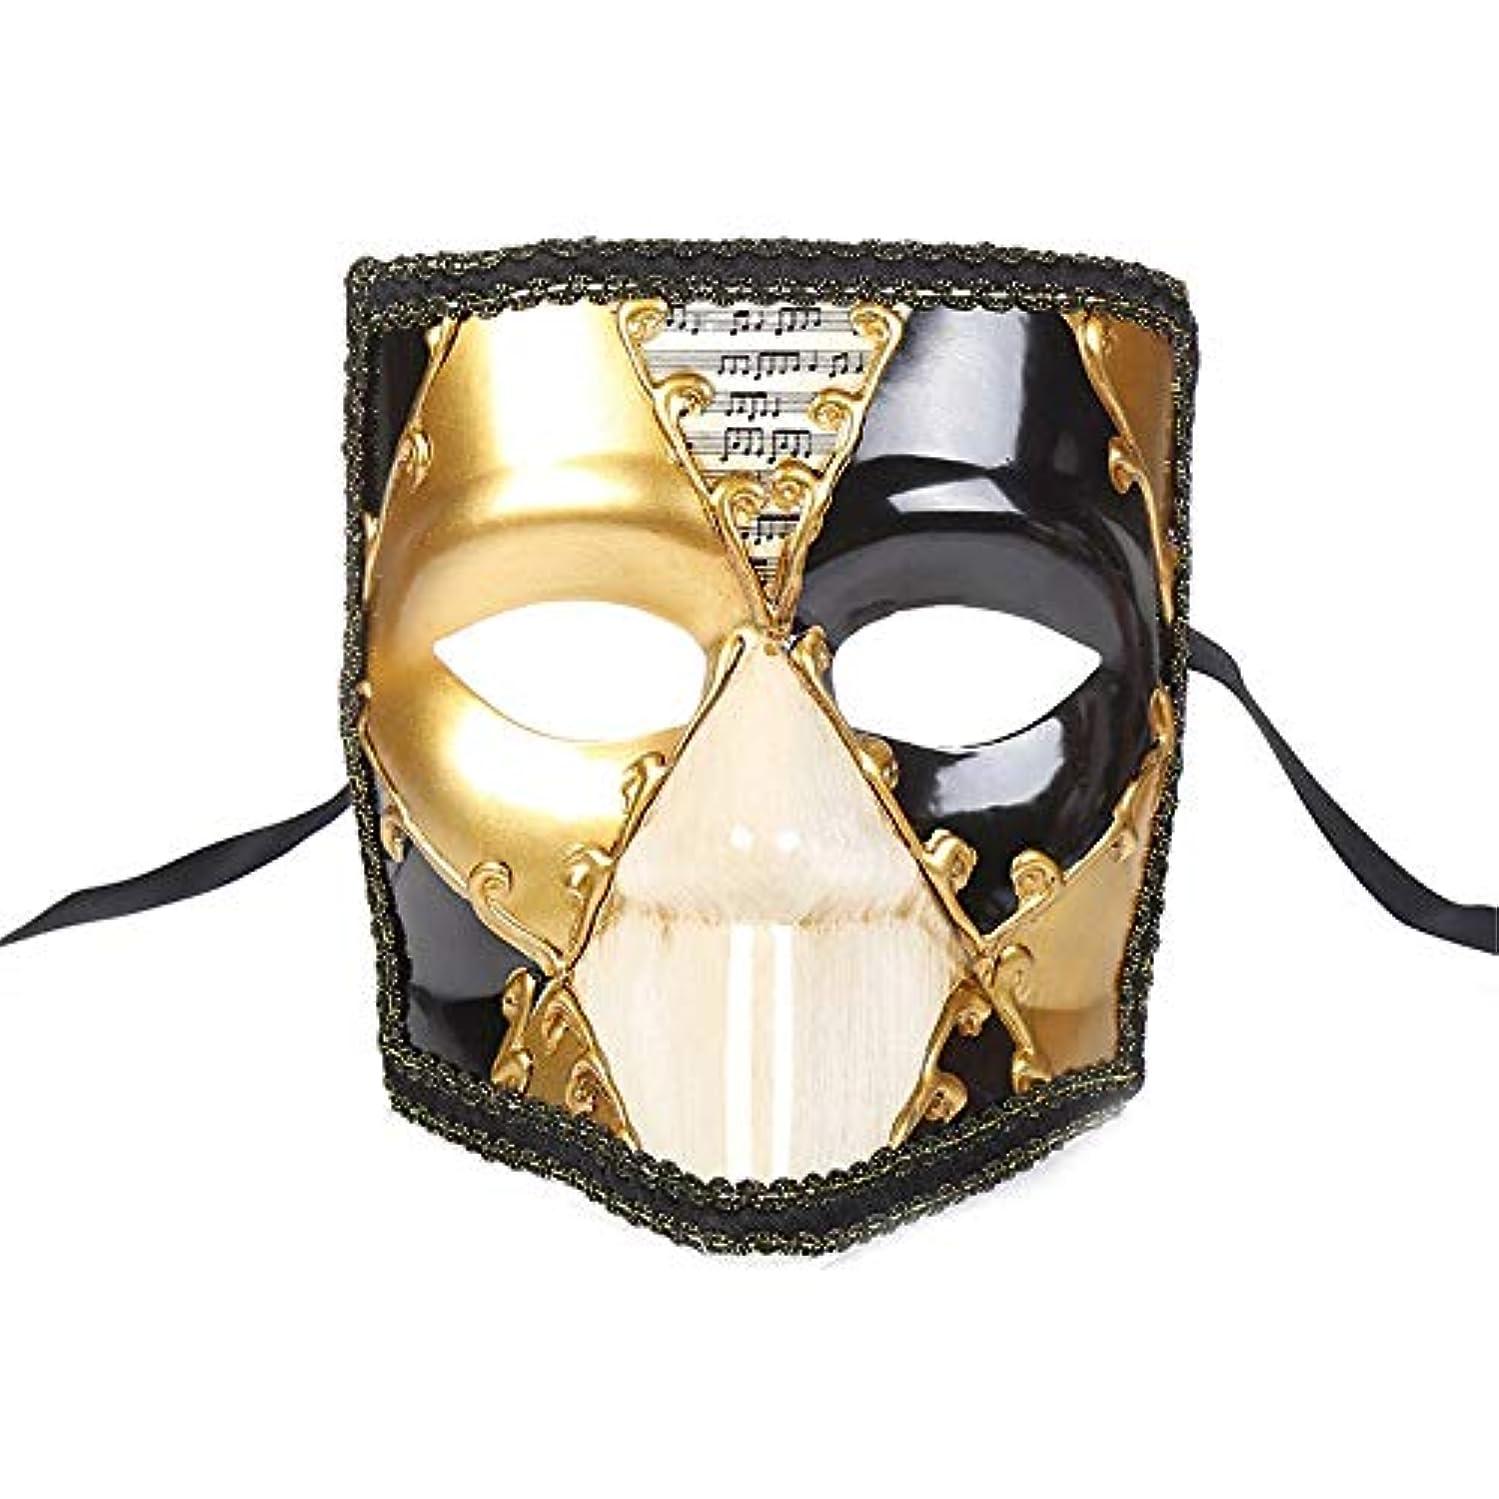 文字通り必要楕円形ダンスマスク ピエロマスクヴィンテージマスカレードショーデコレーションコスプレナイトクラブプラスチック厚いマスク ホリデーパーティー用品 (色 : 黄, サイズ : 18x15cm)